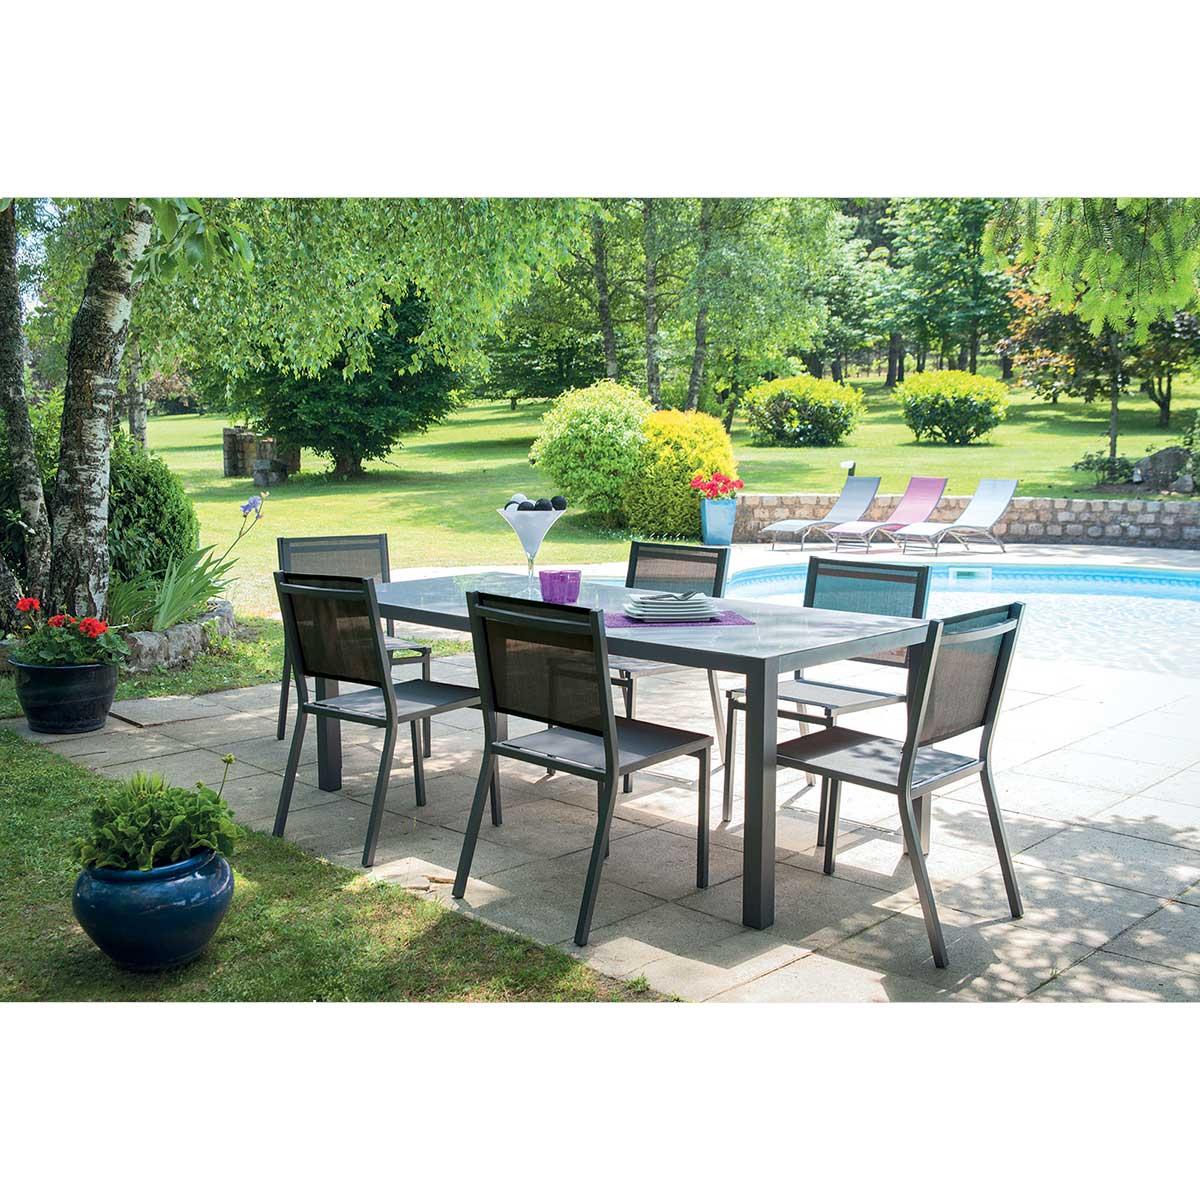 Salon de jardin avec chaises - Anthracite - 135/270 cm x D 90 cm x h 75 cm